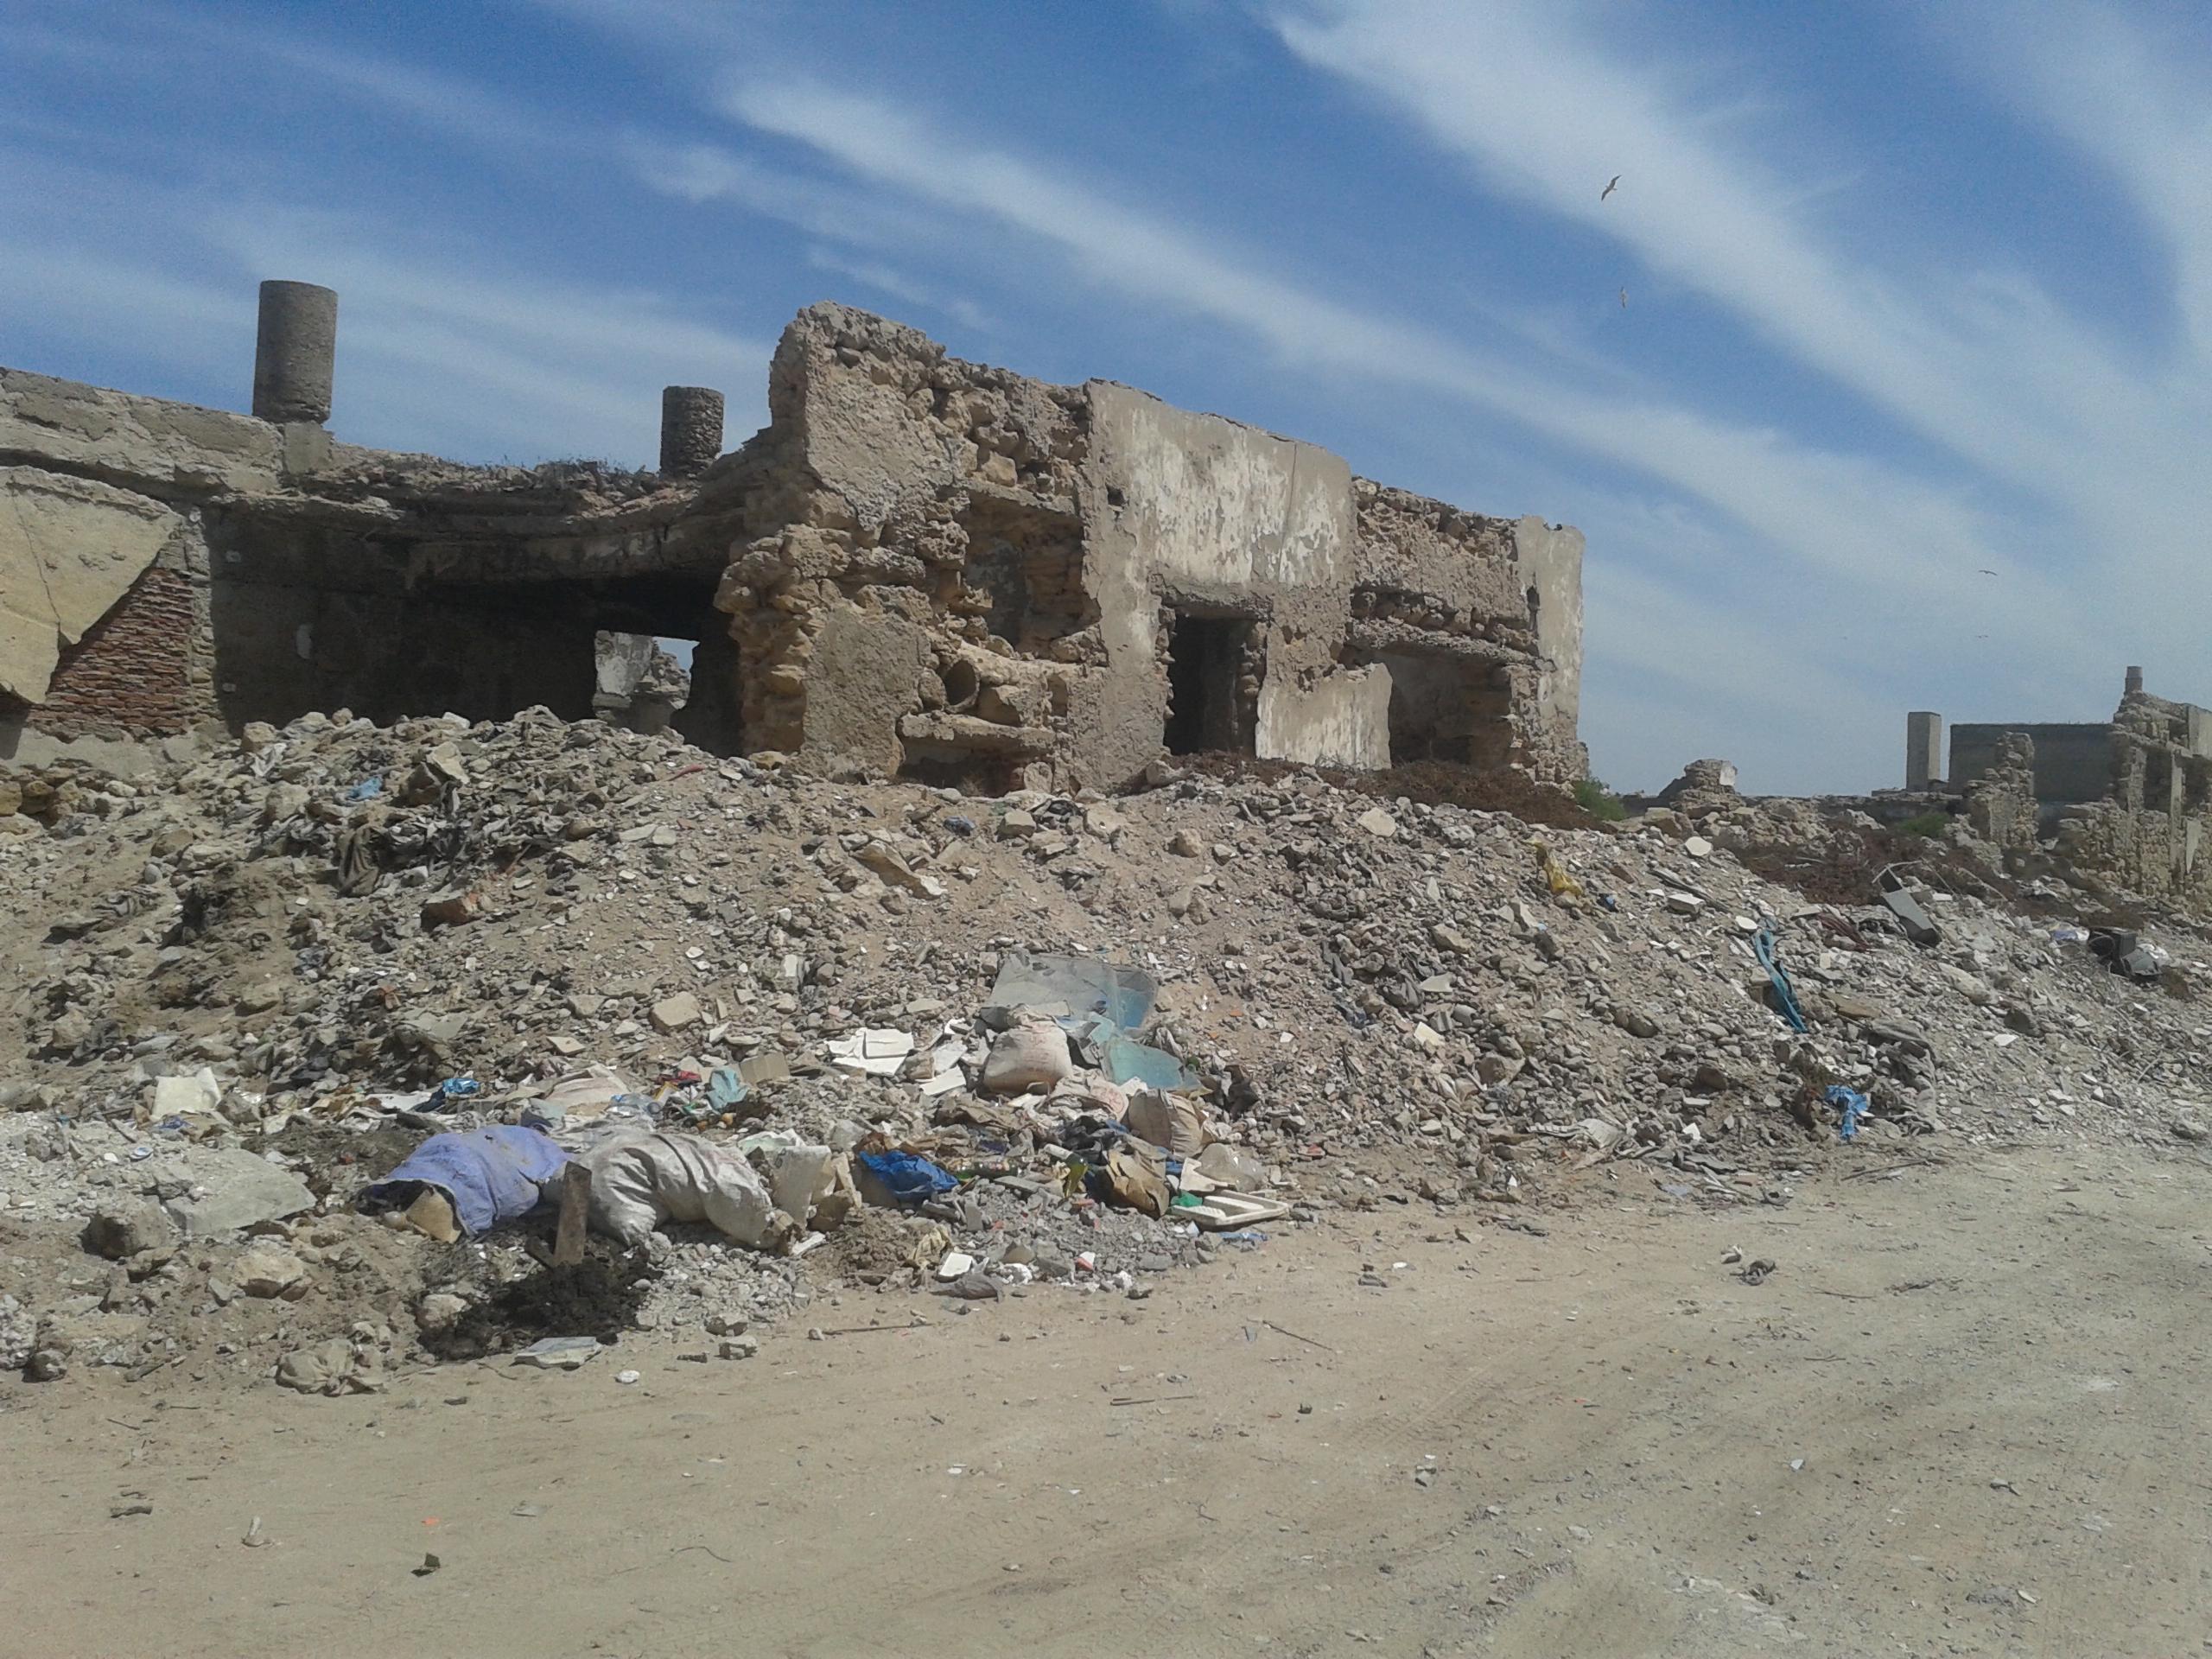 La zone industrielle à Essaouira  agonise dans l'indifférence générale